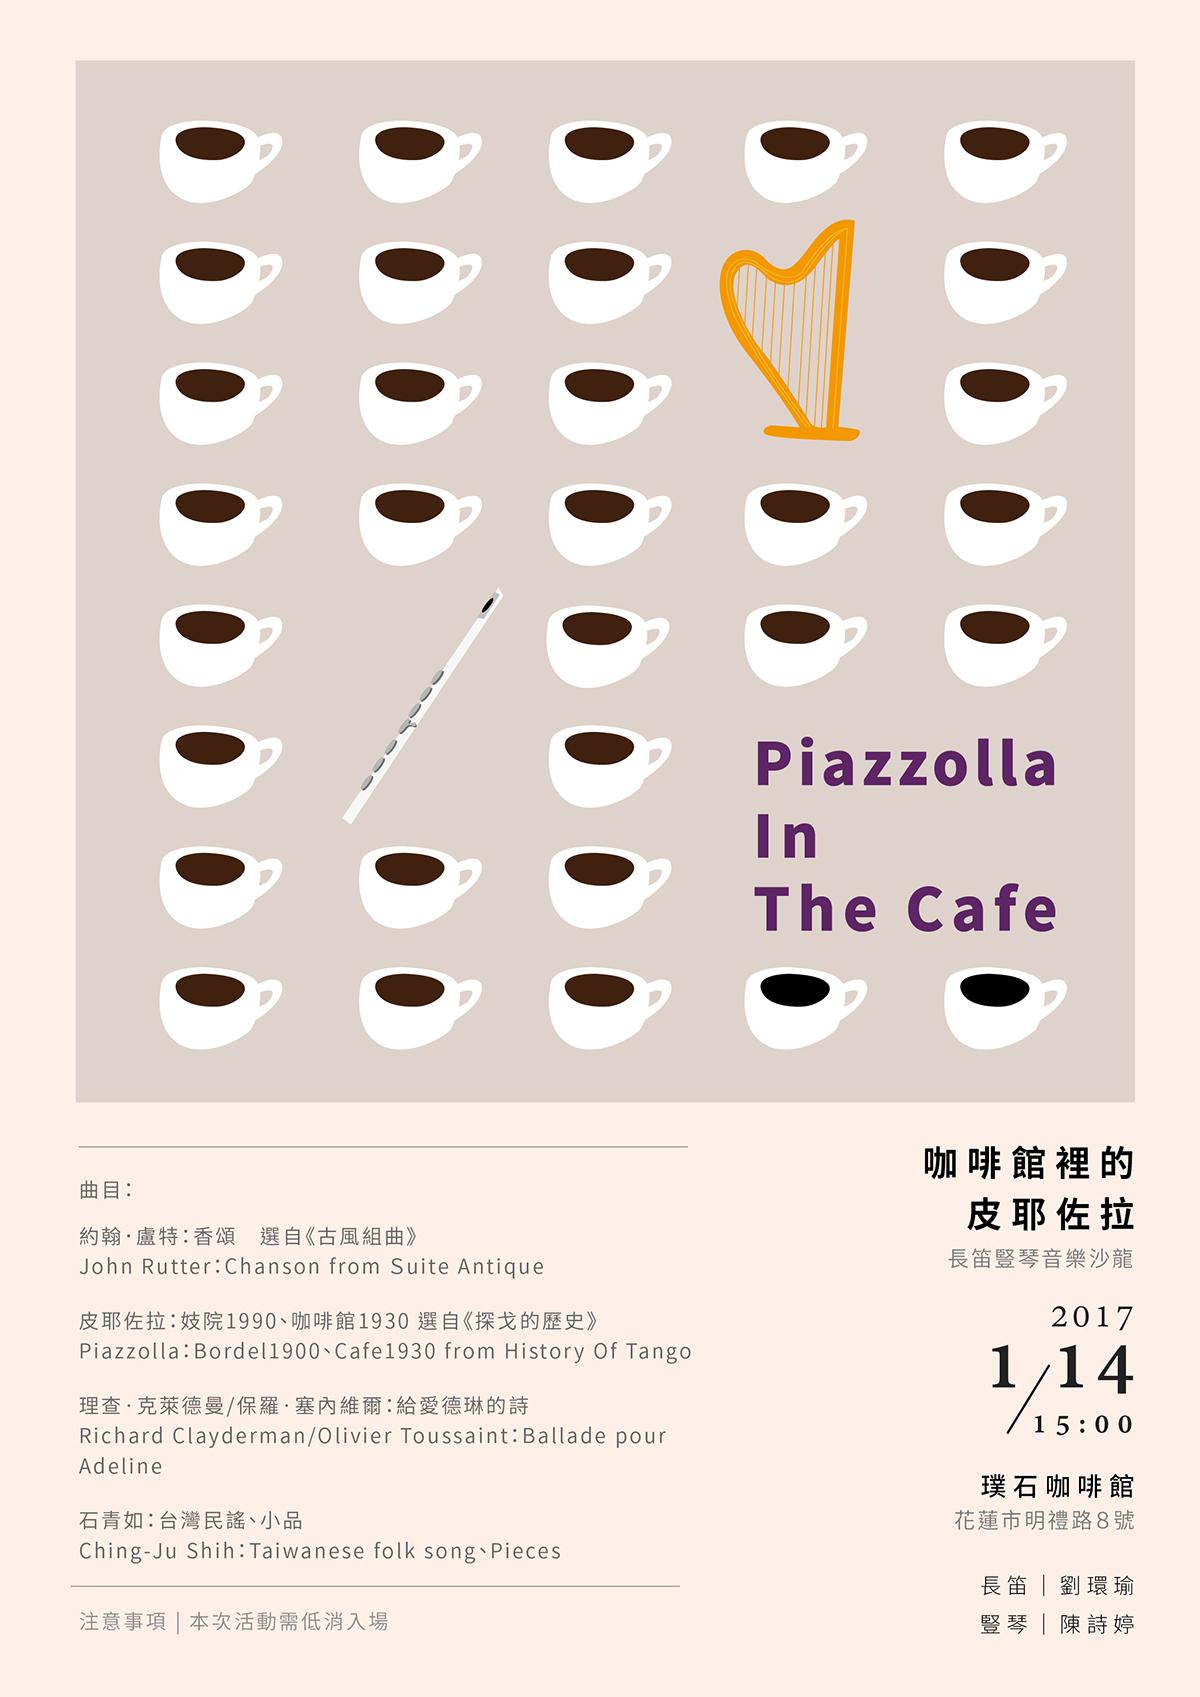 海報設計_咖啡館裡的皮耶佐拉-捷可印